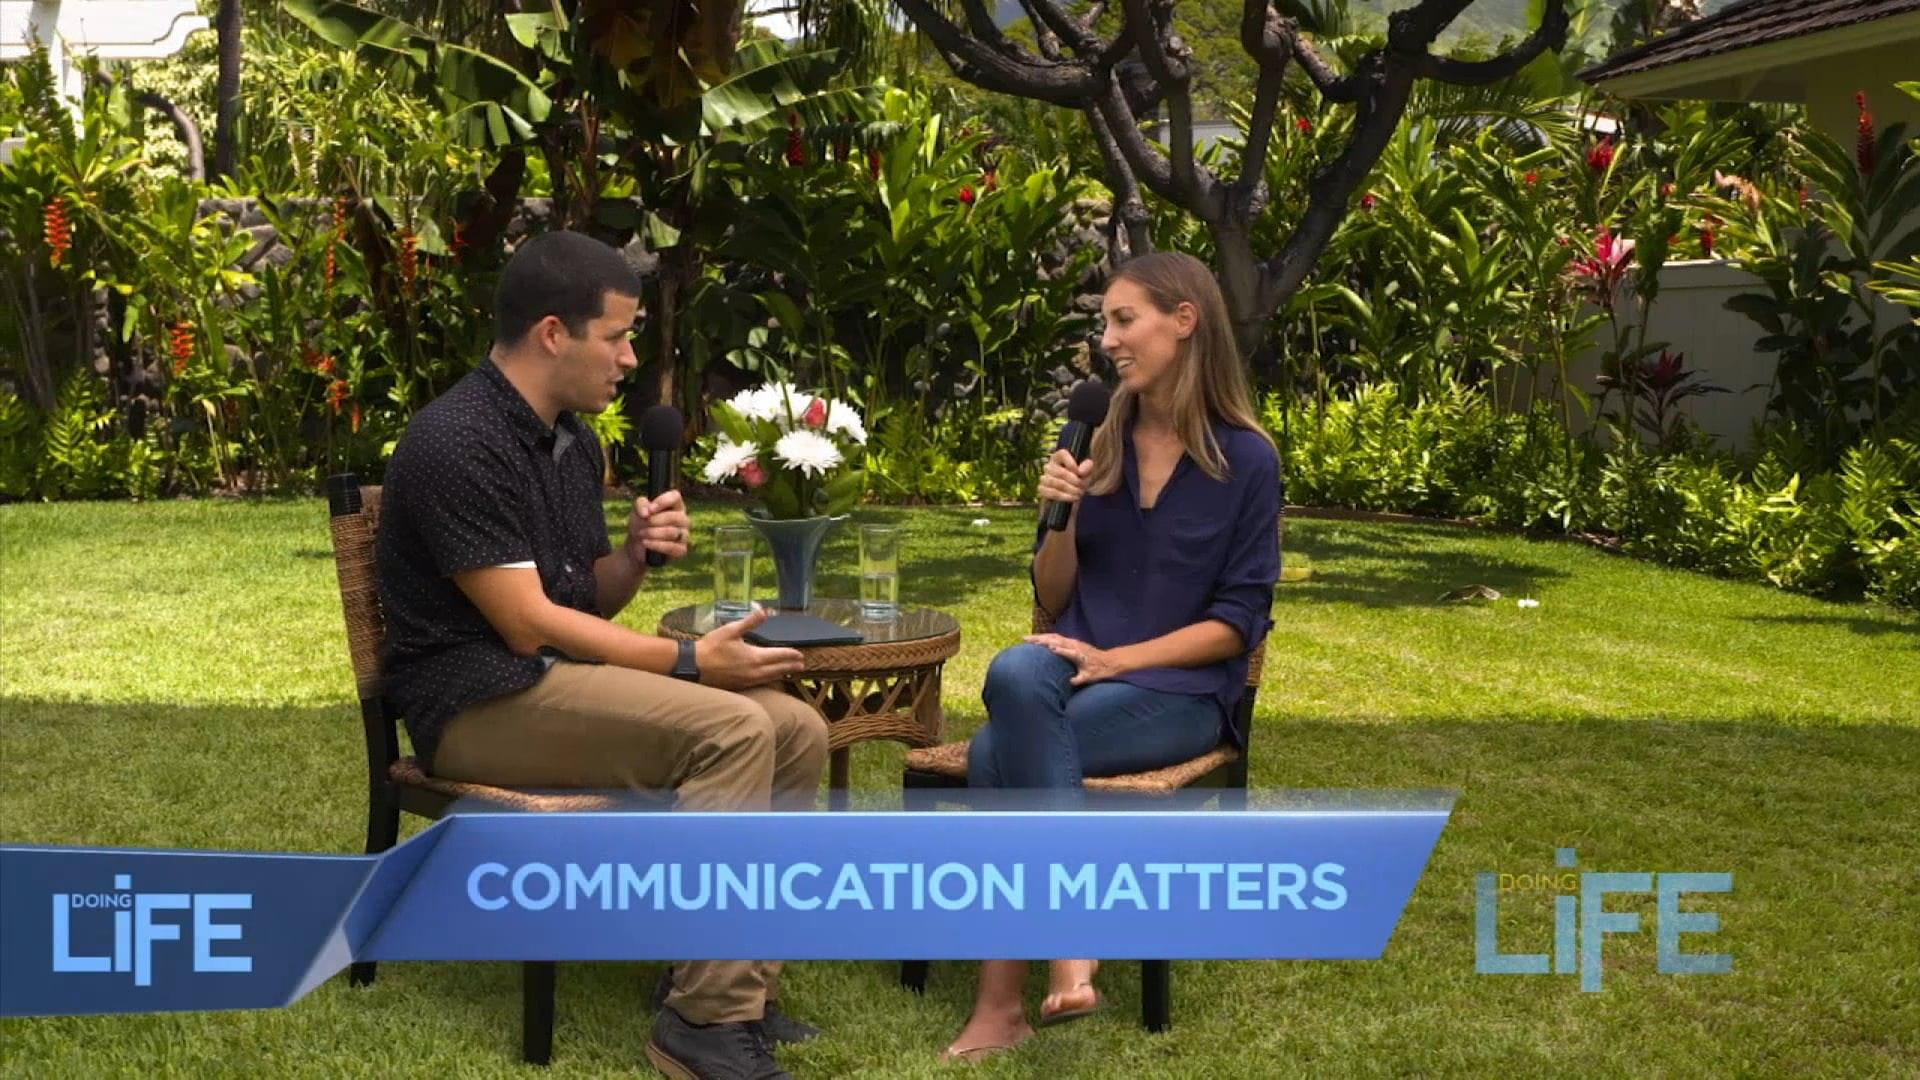 Watch Communication